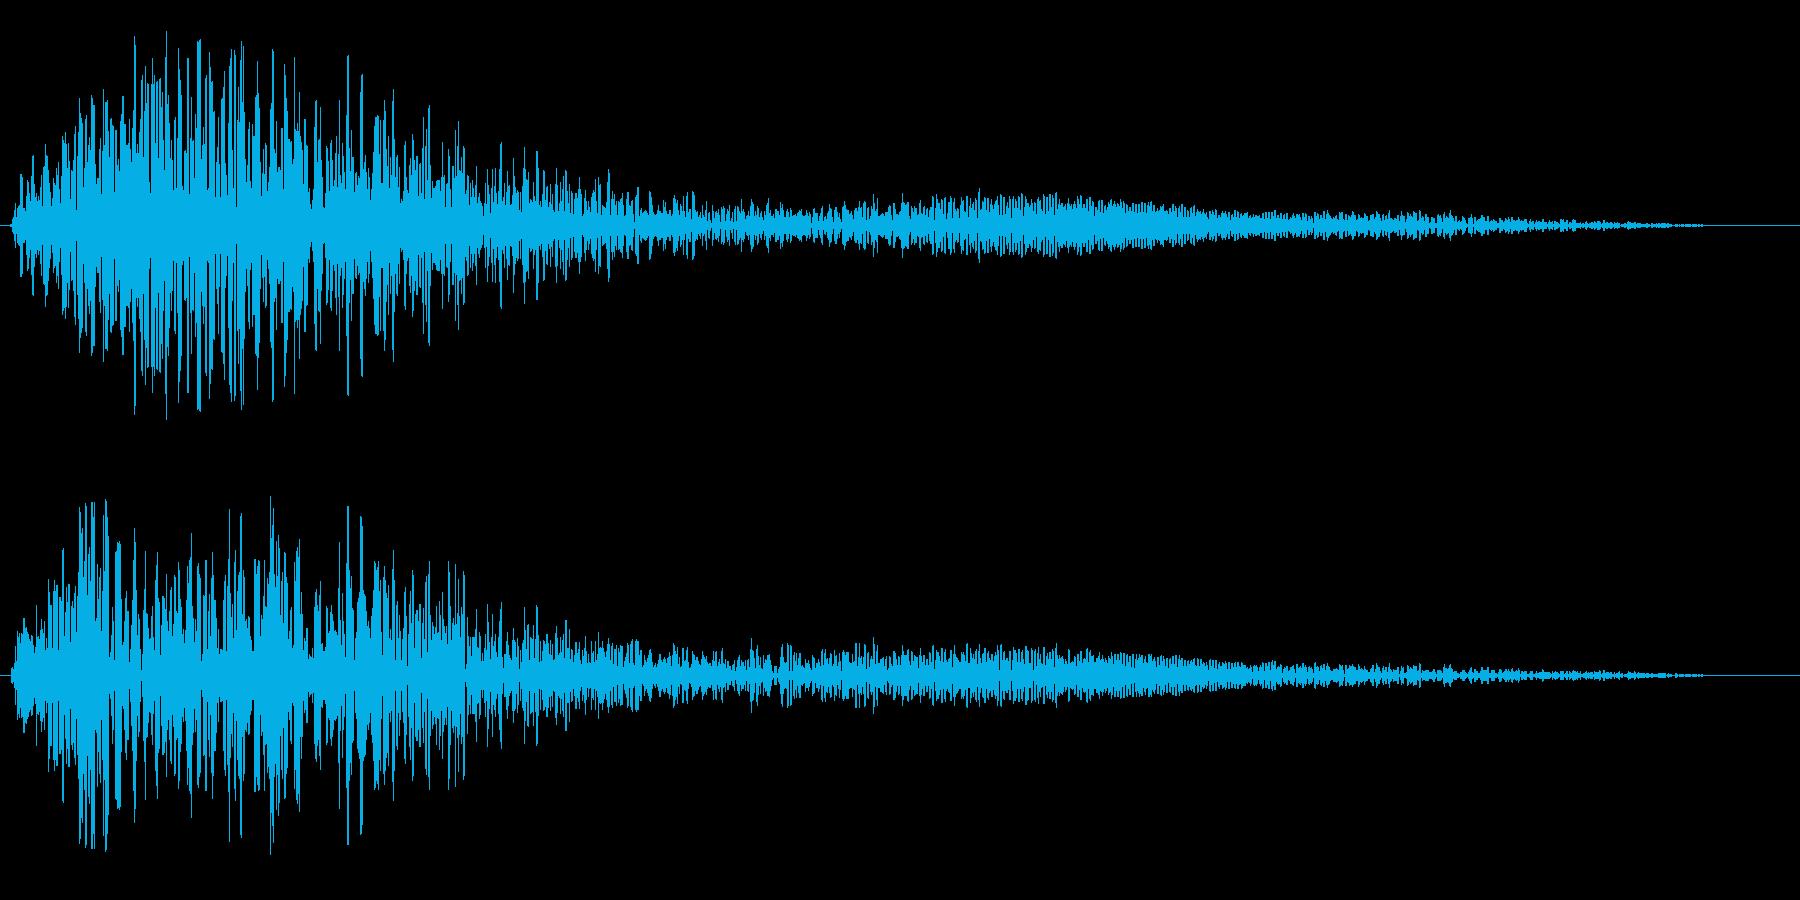 ポワーンと優しく響く音の再生済みの波形